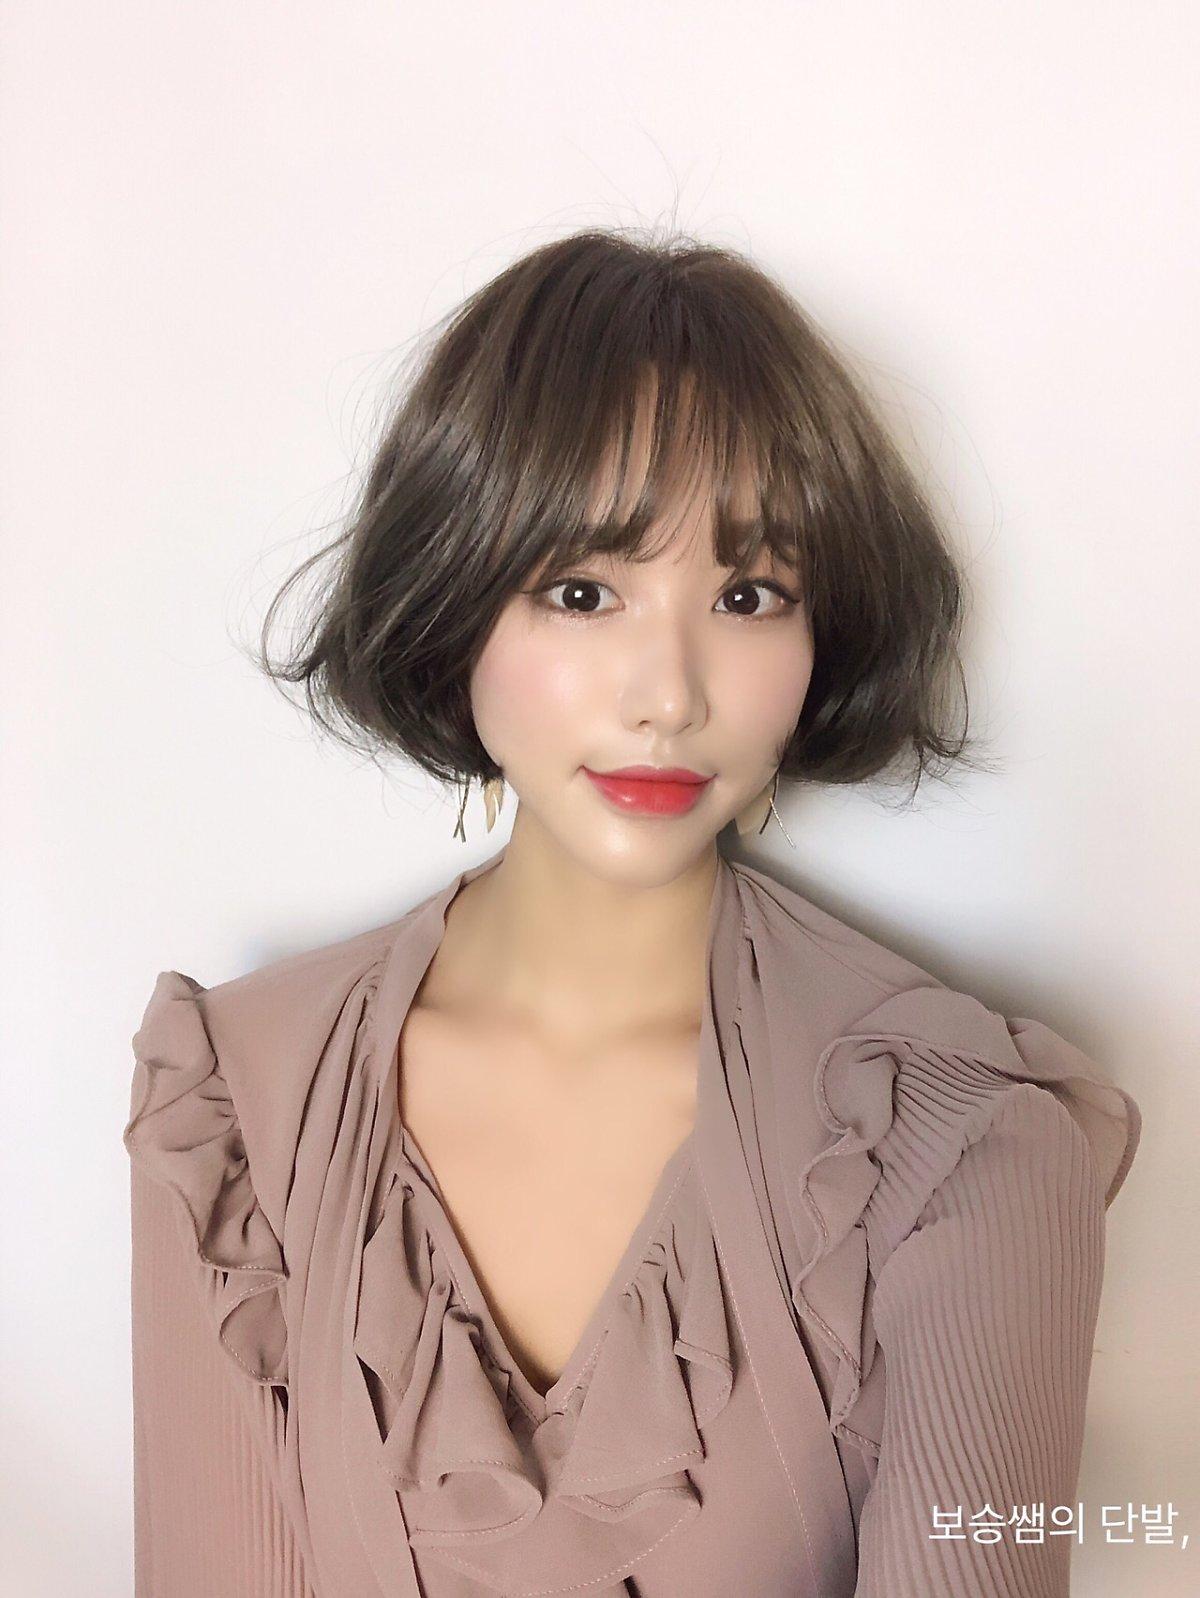 15대 여자 헤어스타일 / 15대 머리스타일 볼륨감이중요! : 네이버 포스트